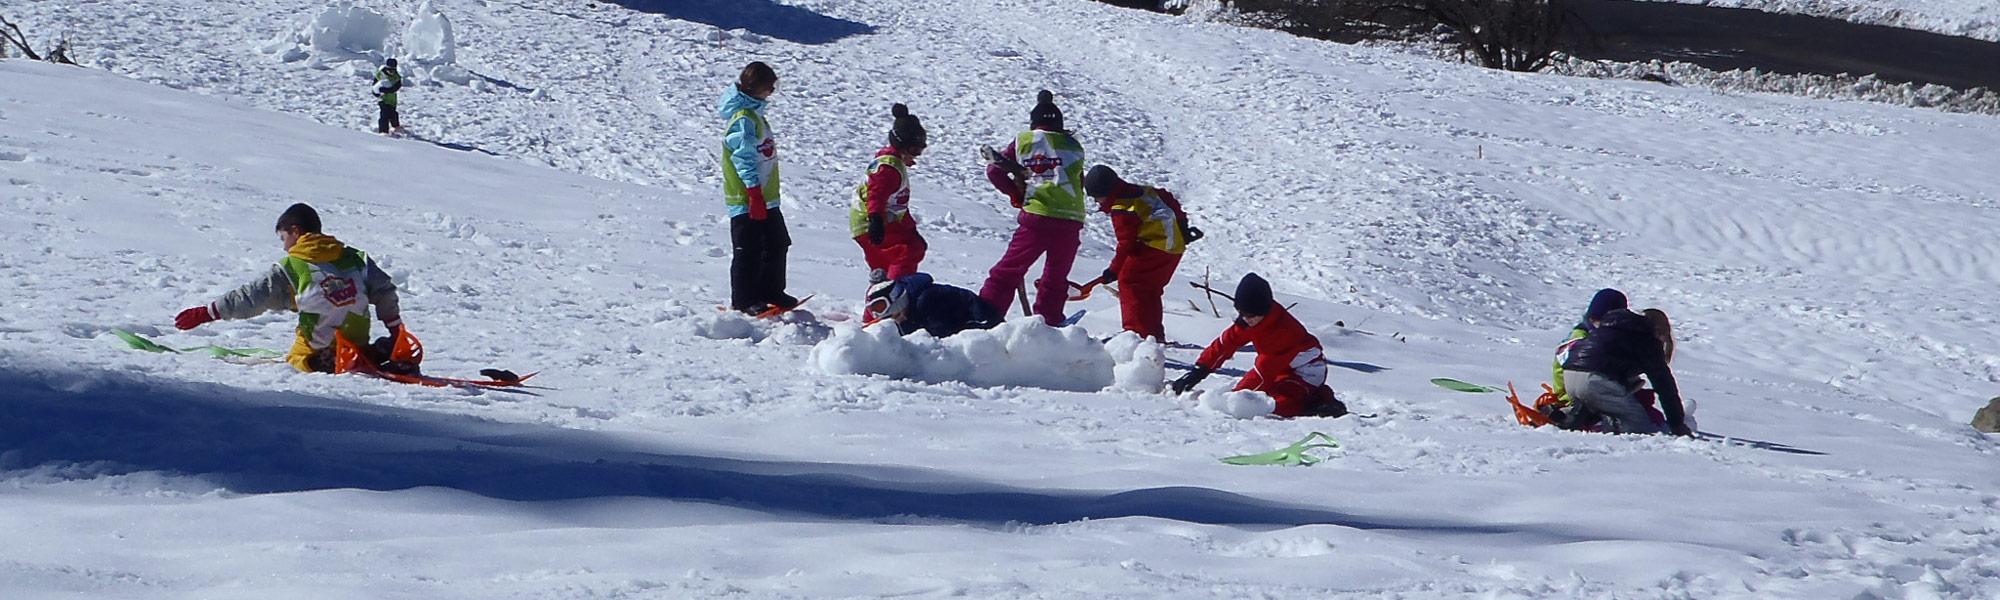 raquettes à neige enfants - construction d'igloo et jeux - La Mongie - Pyrenees